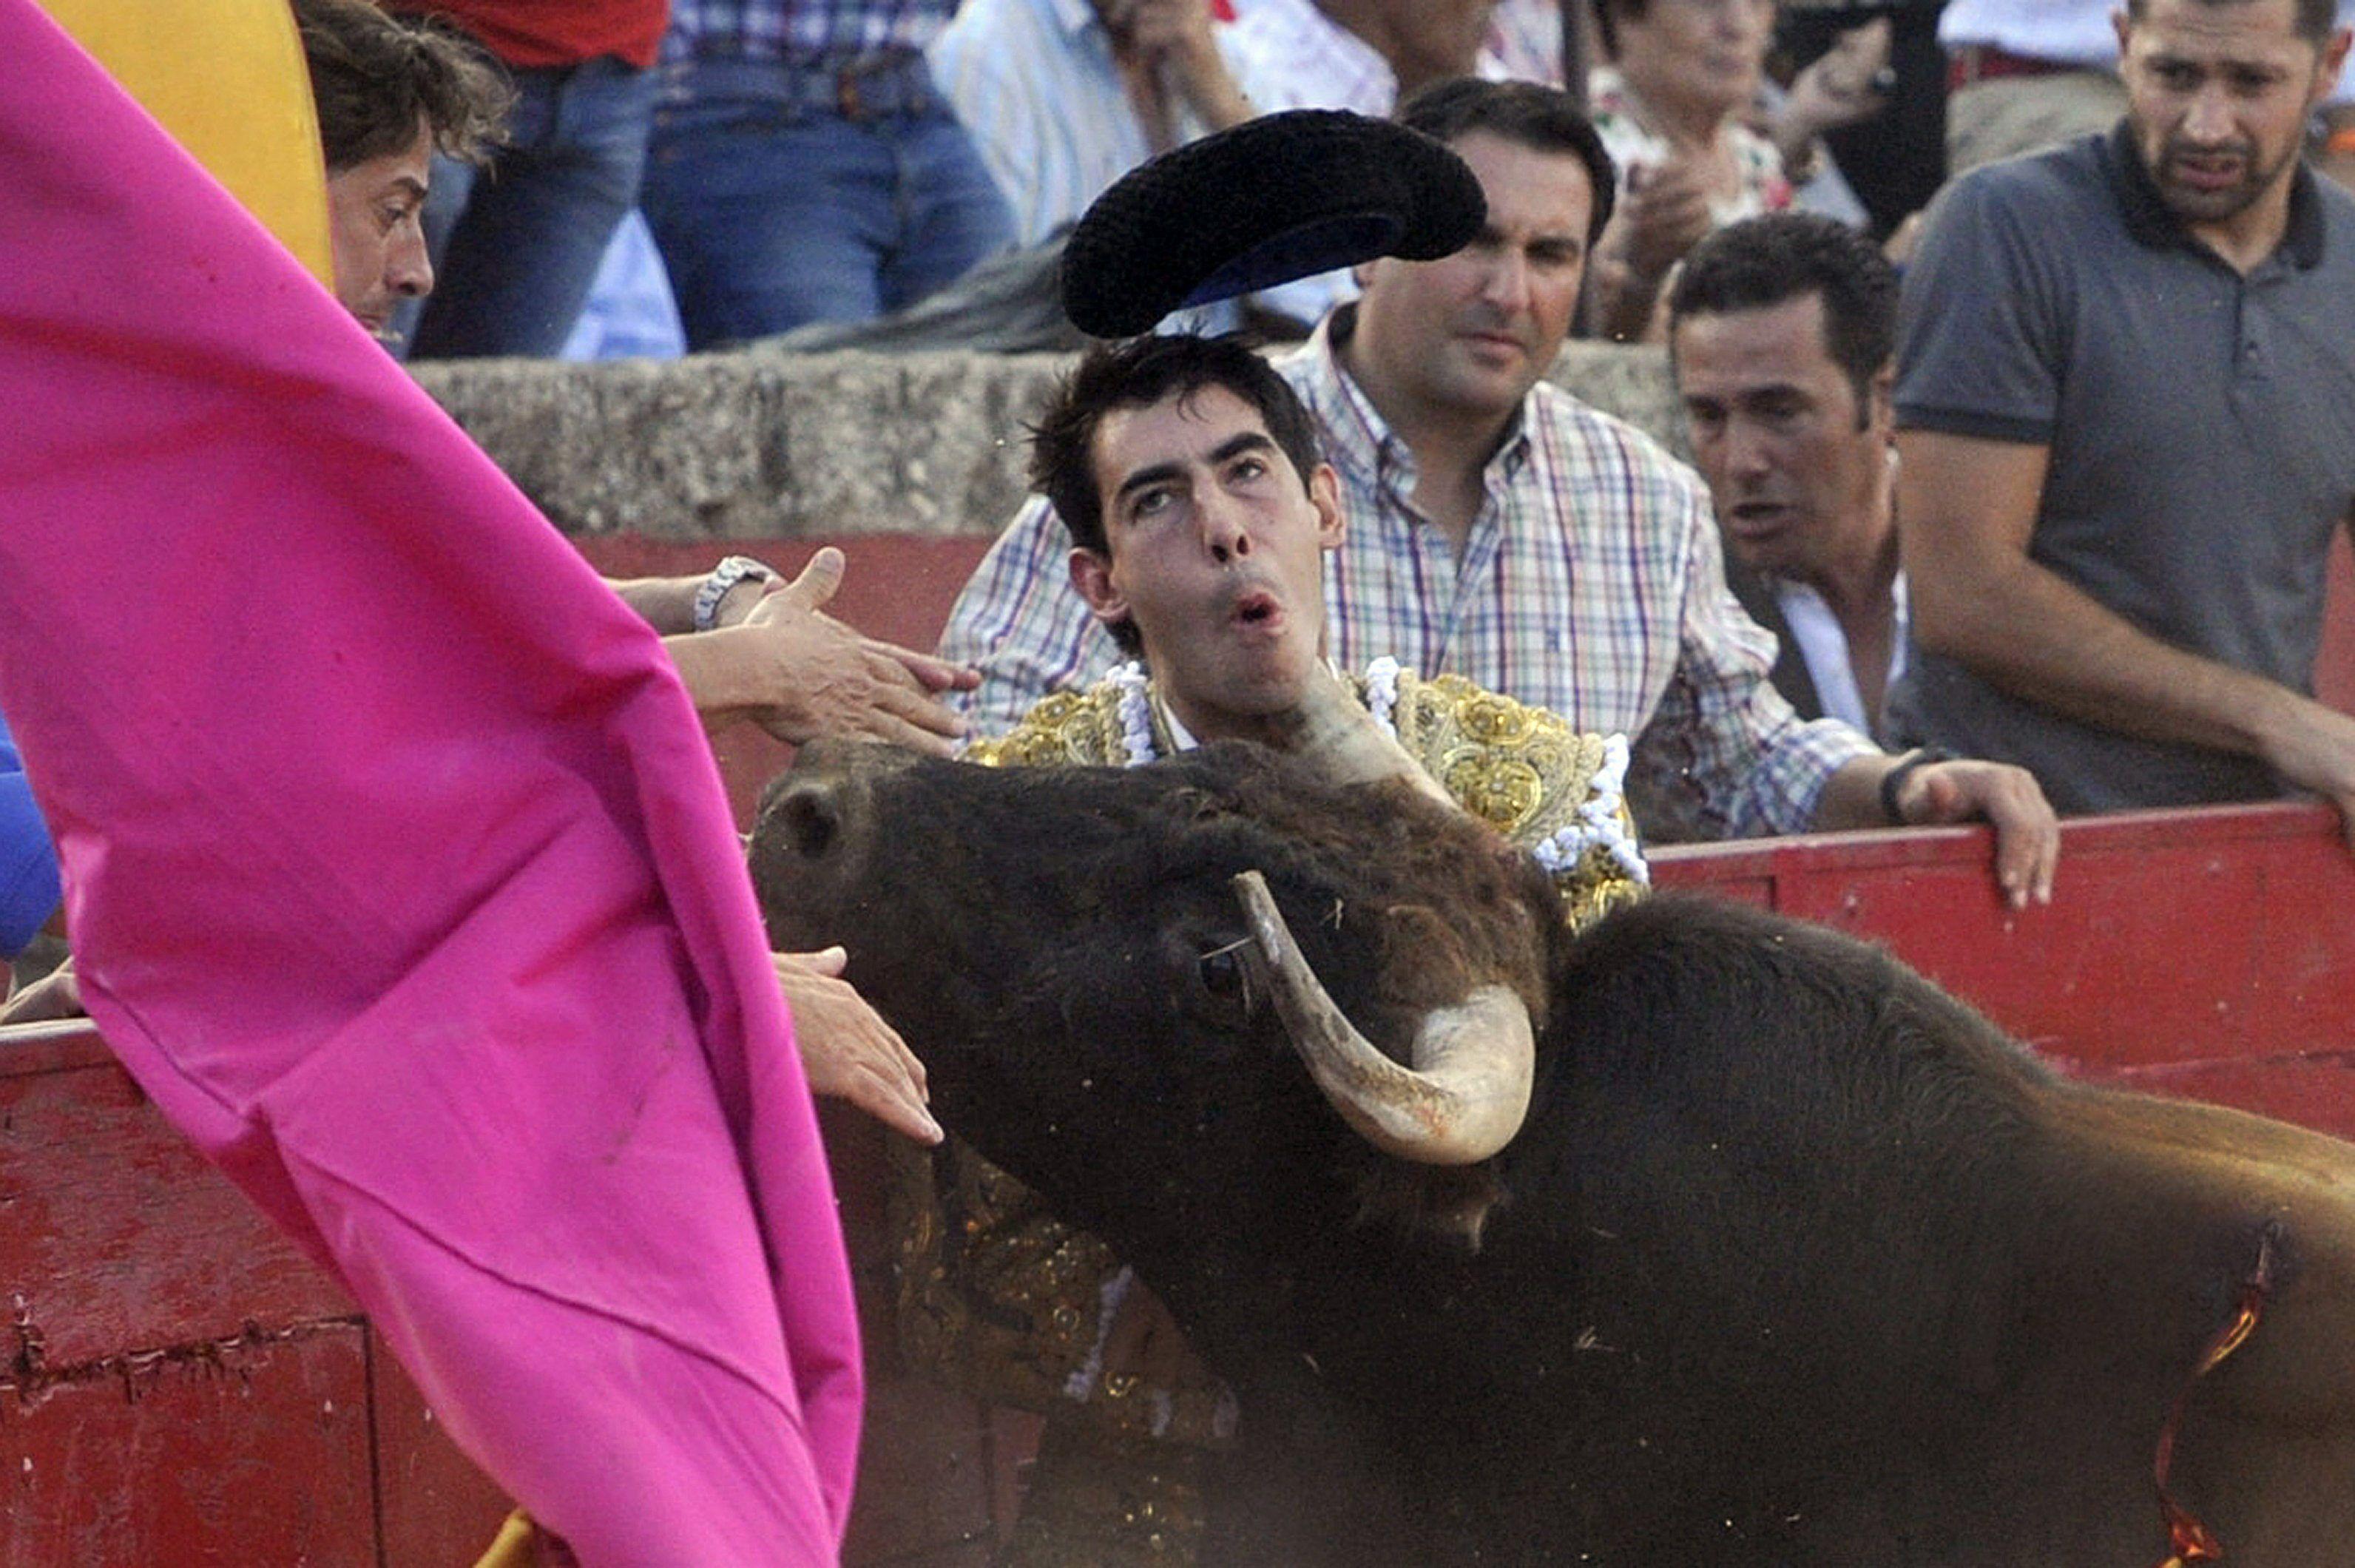 GRA235. VITIGUDINO (SALAMANCA), 16/08/2015.- Fotografía facilitada por La Gaceta de Salamanca, de la cornada que ha sufrido en el cuello el diestro malagueño Saúl Jiménez Fortes, cuando lidiaba al primero de su lote en la corrida de toros de esta tarde en la localidad salmantina de Vitigudino. LA GACETA DE SALAMANCA / BARROSO ***SOLO USO EDITORIAL***.